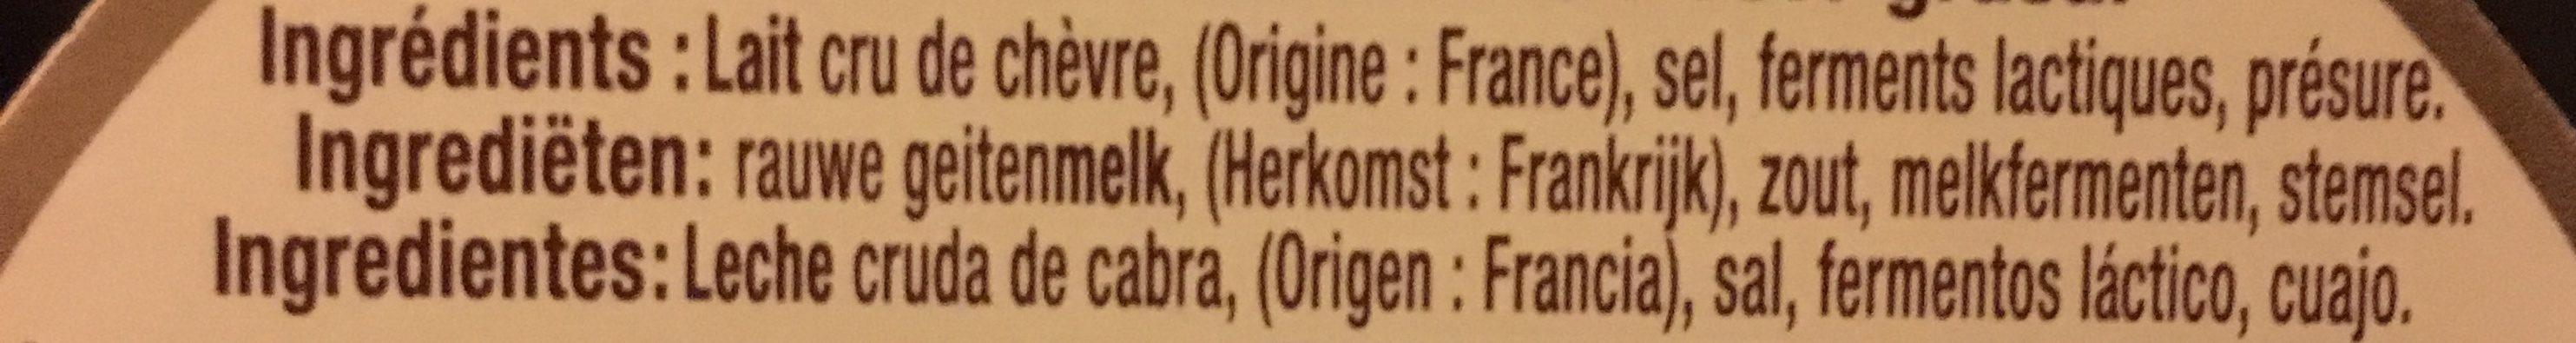 Le petit chevrot au lait cru - Ingrédients - fr